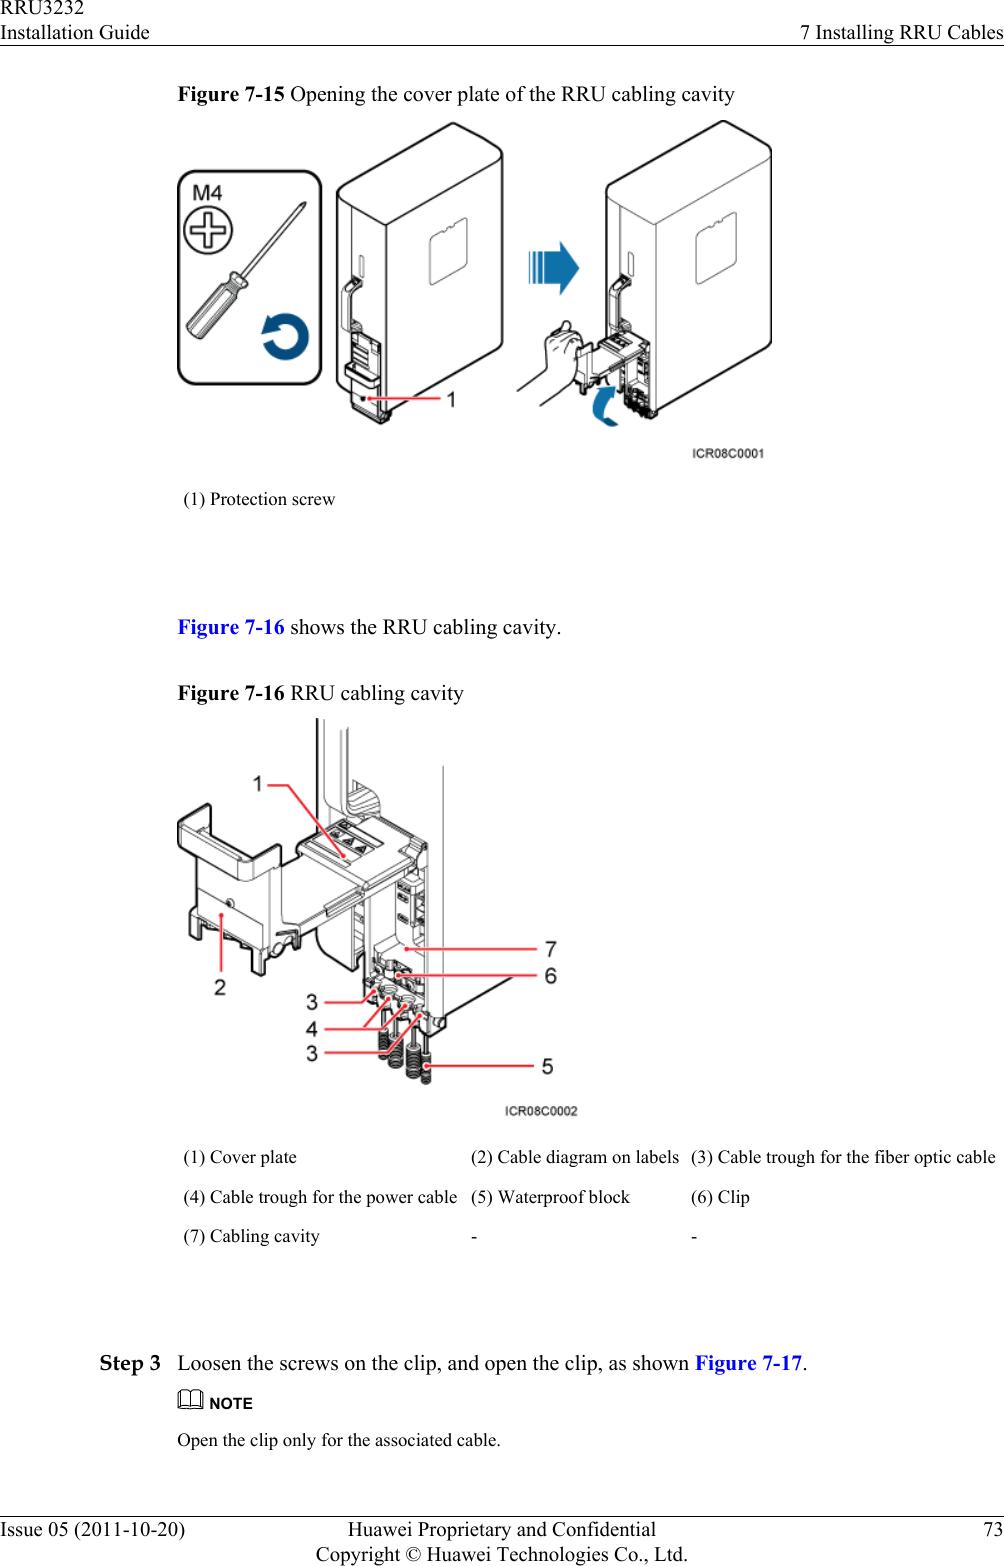 huawei technologies rru3232